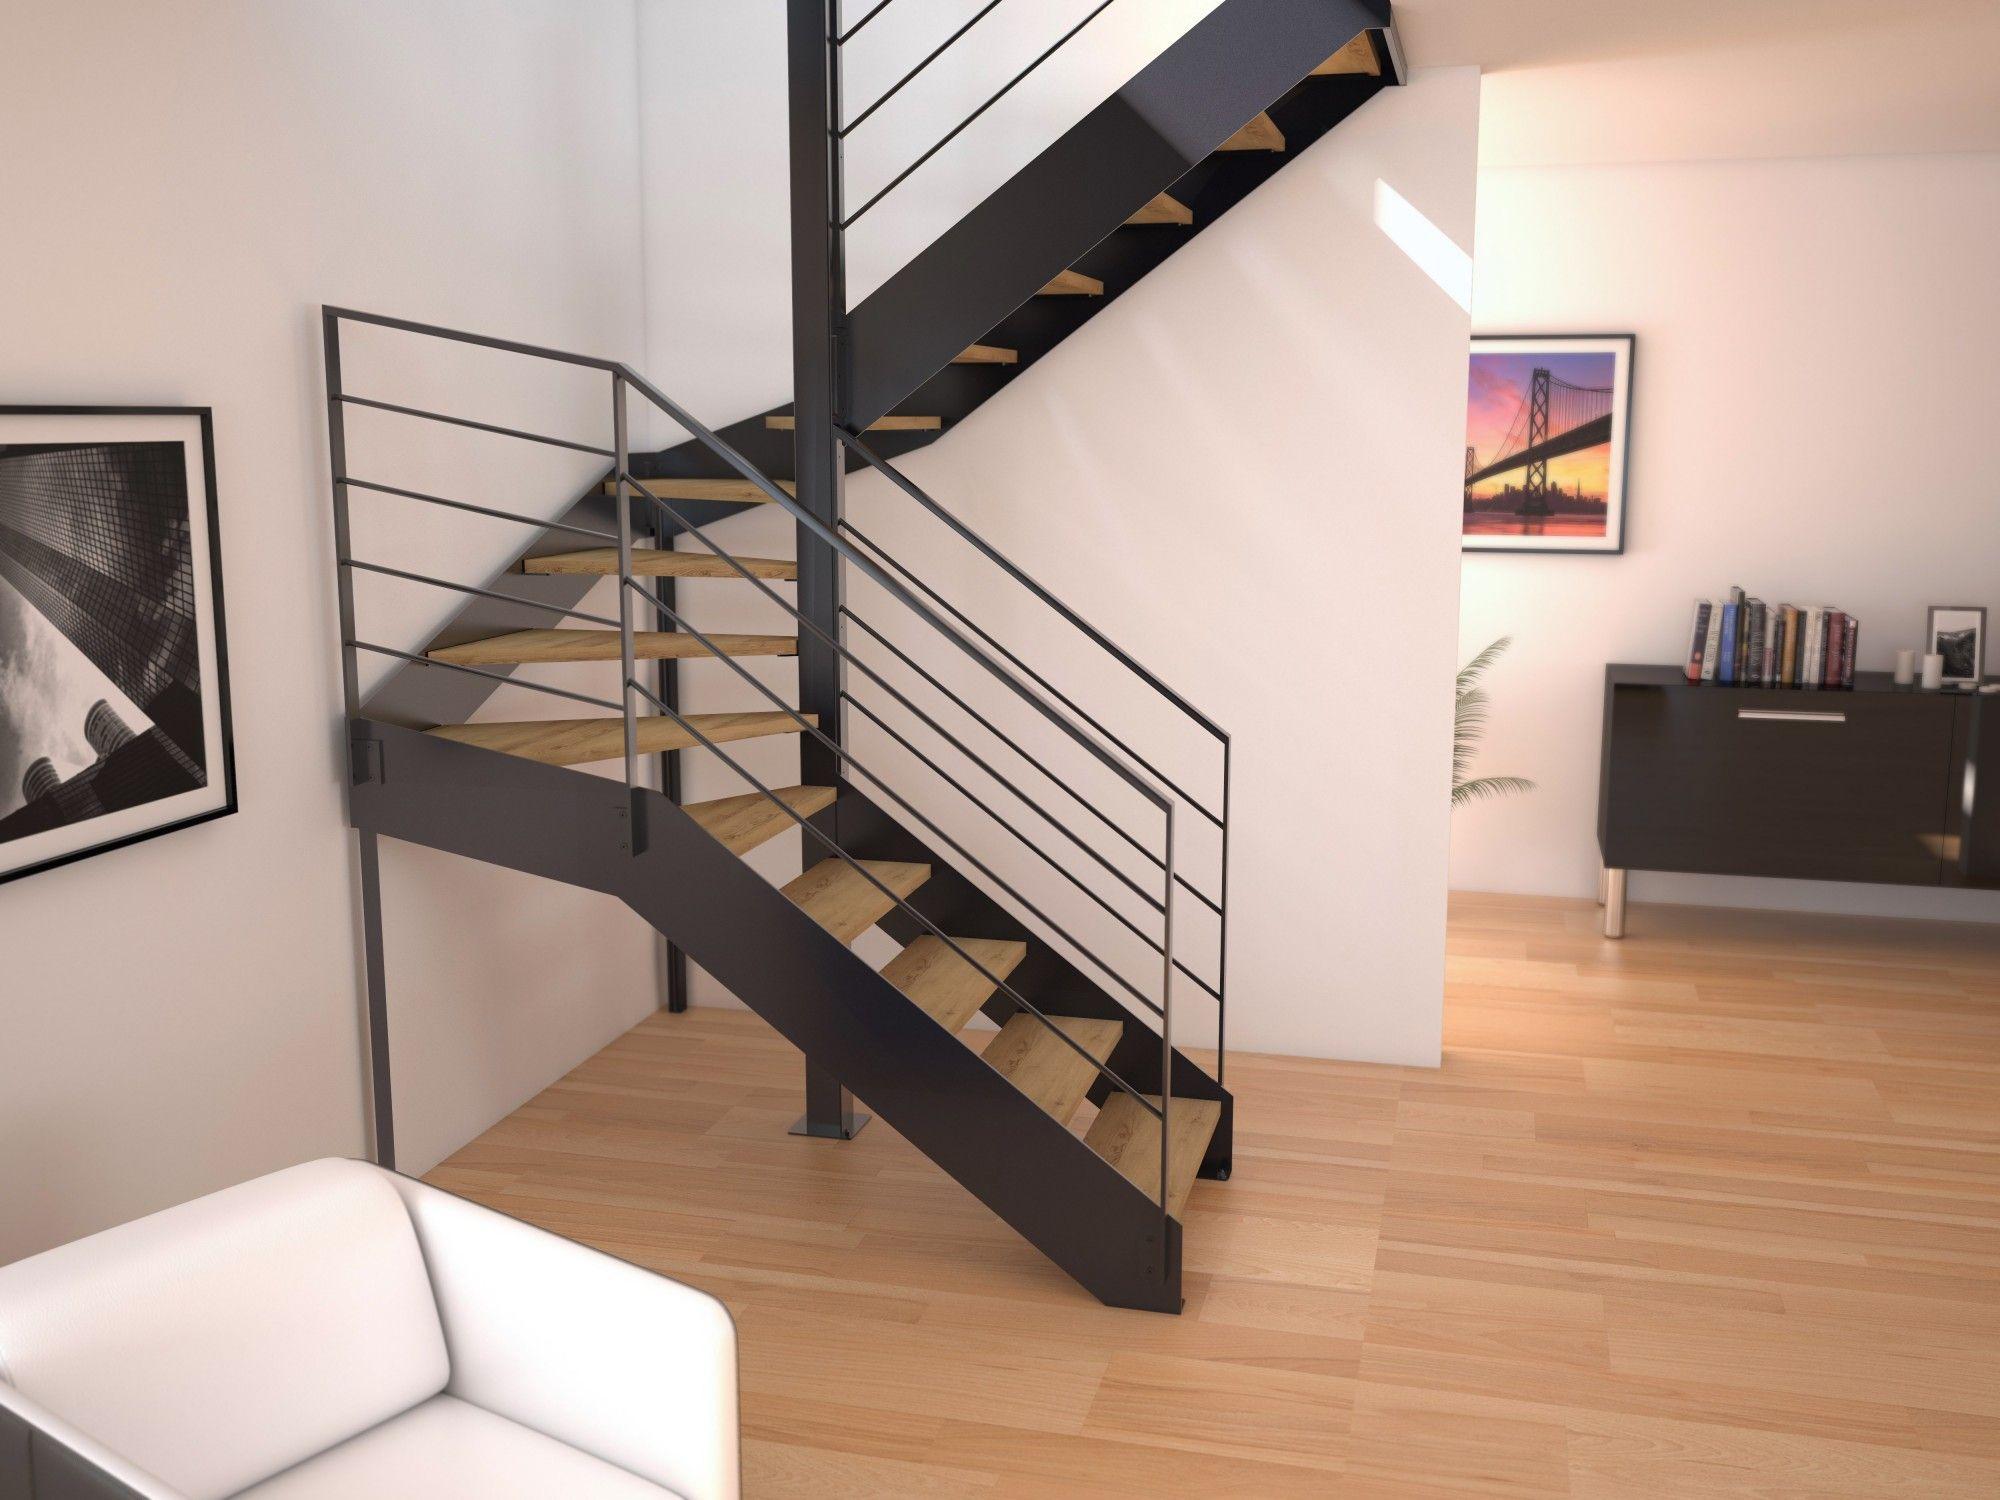 Escalier double limons pas cher en haute loire escalier z2 double limons lat raux - Escalier colimacon pas cher ...